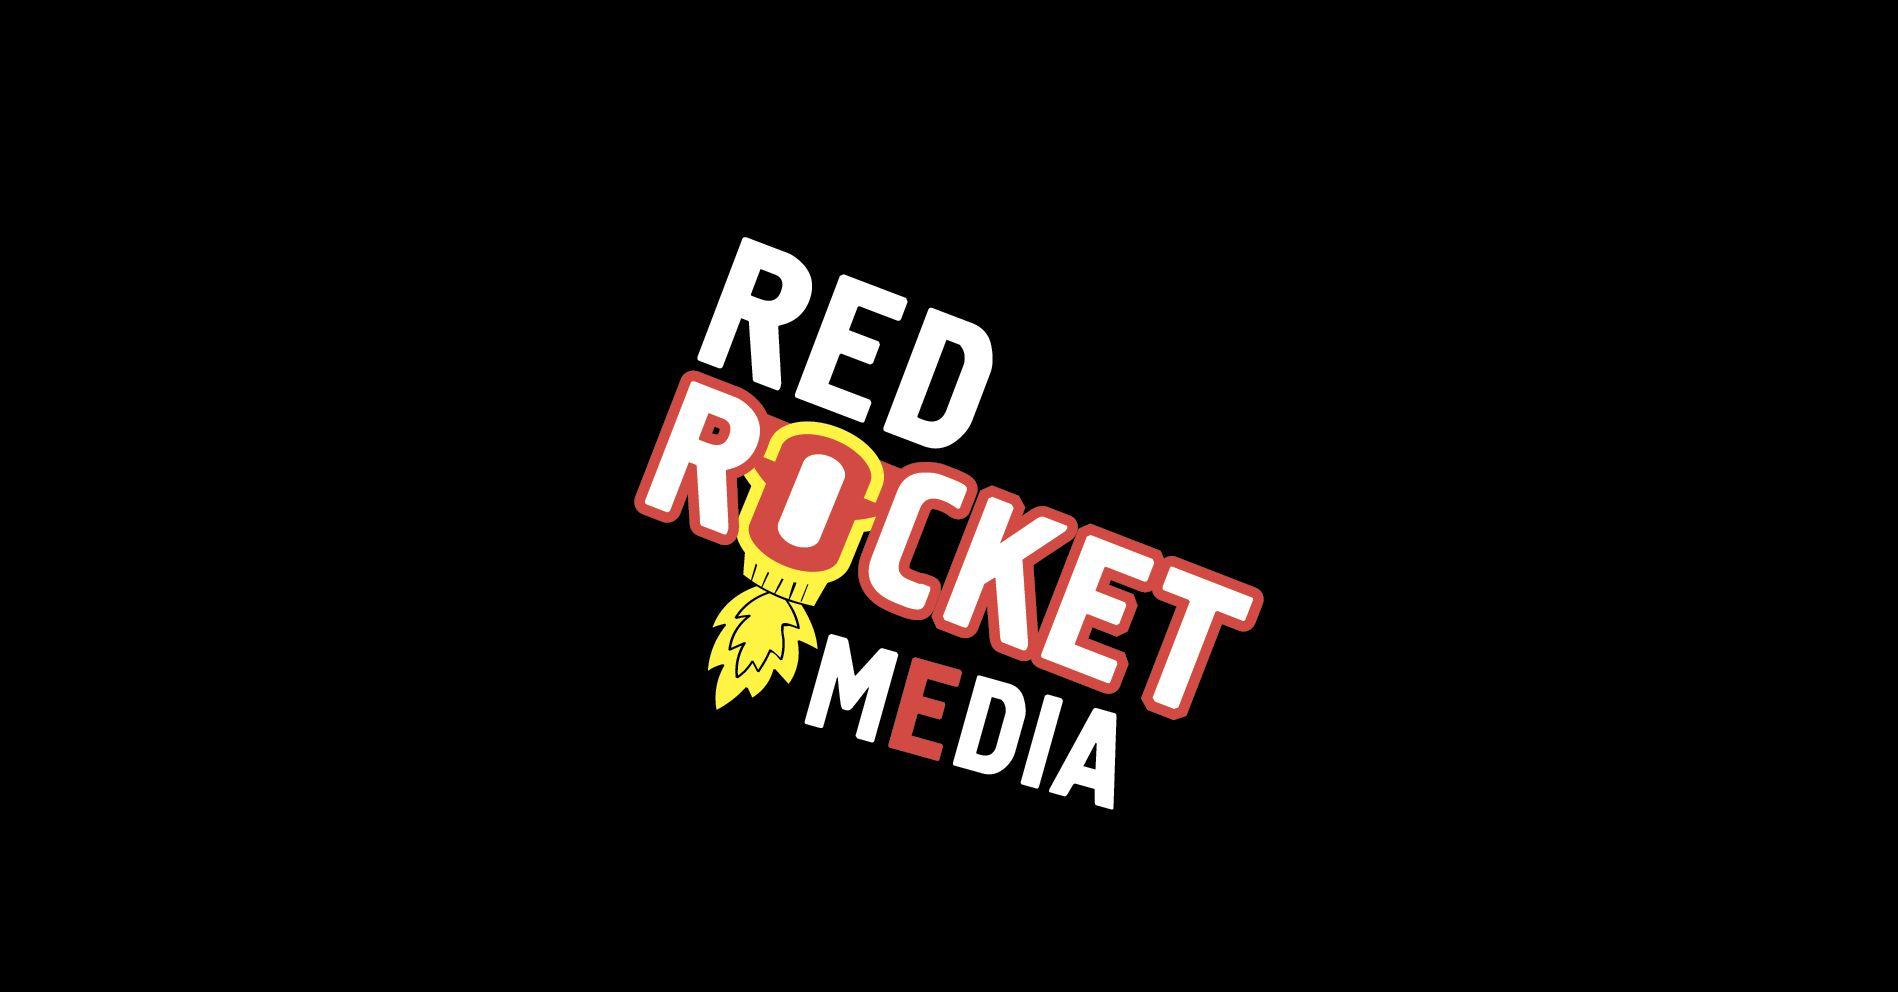 Лого и фирменный стиль для RedRocketMedia - дизайнер v-i-p-style